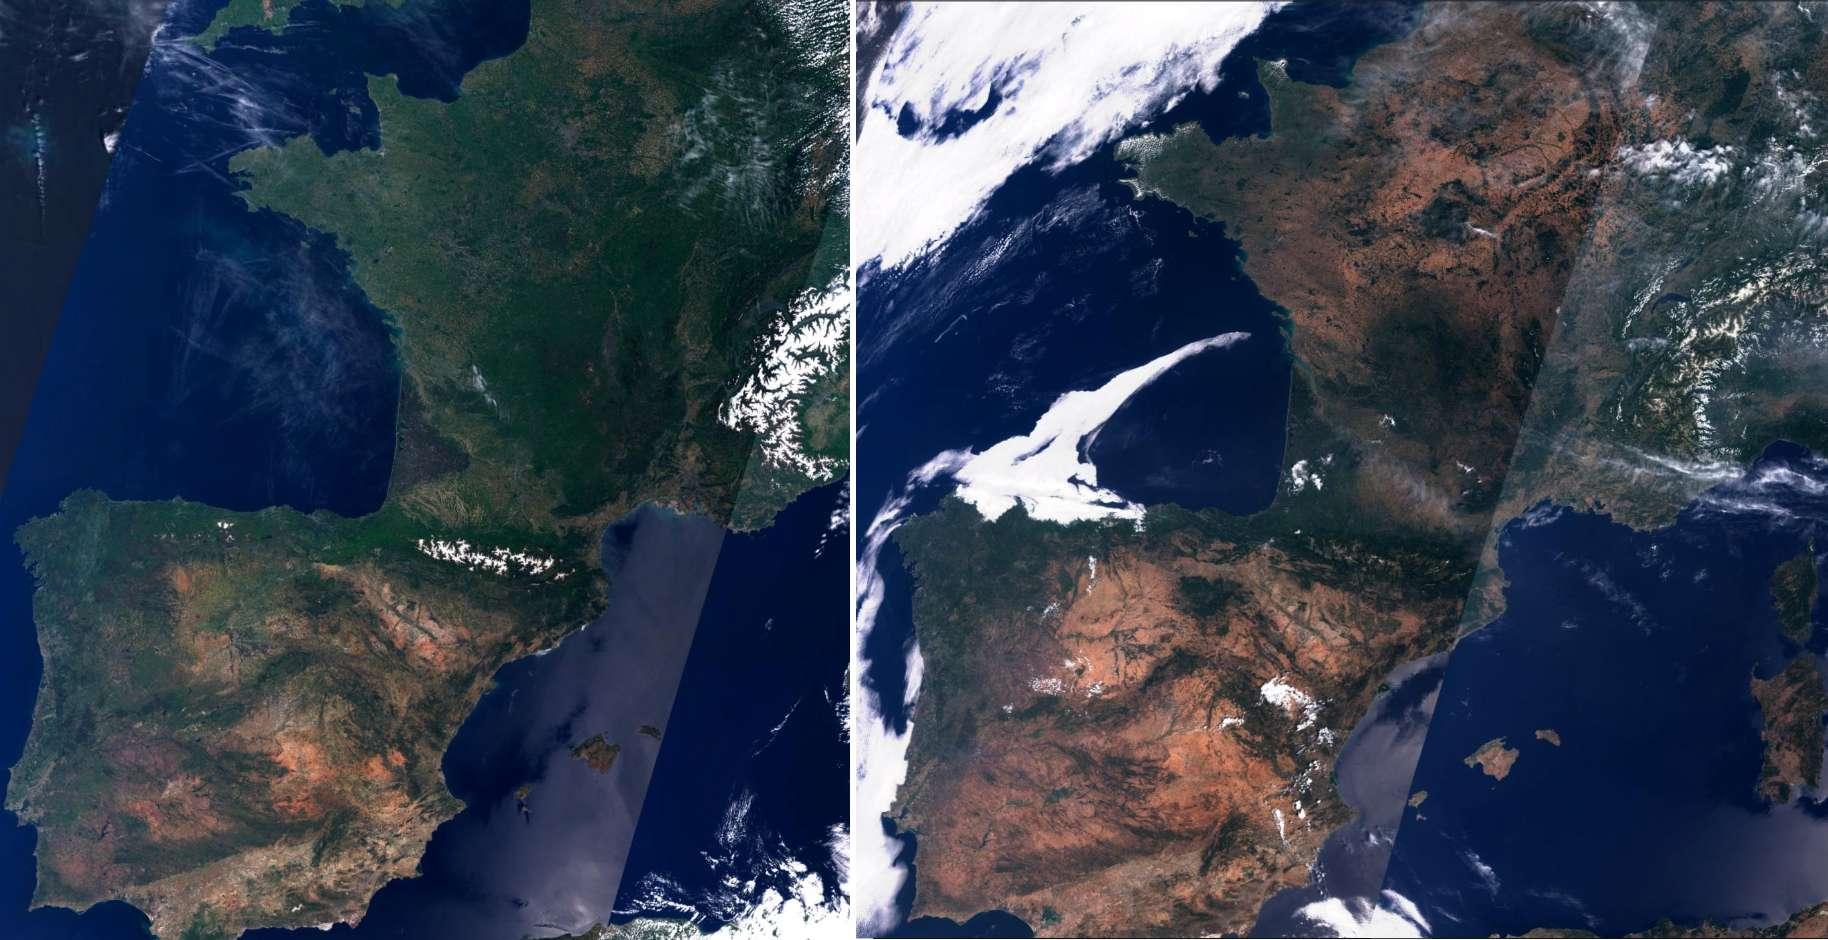 Images satellite de la France et l'Espagne, roussies par les vagues de chaleur et la sécheresse, prises par Sentinel 2 respectivement à la mi-mai 2019 et à la fin juillet 2019, avant et après les épisodes caniculaires de juin et juillet. © ESA, Copernicus